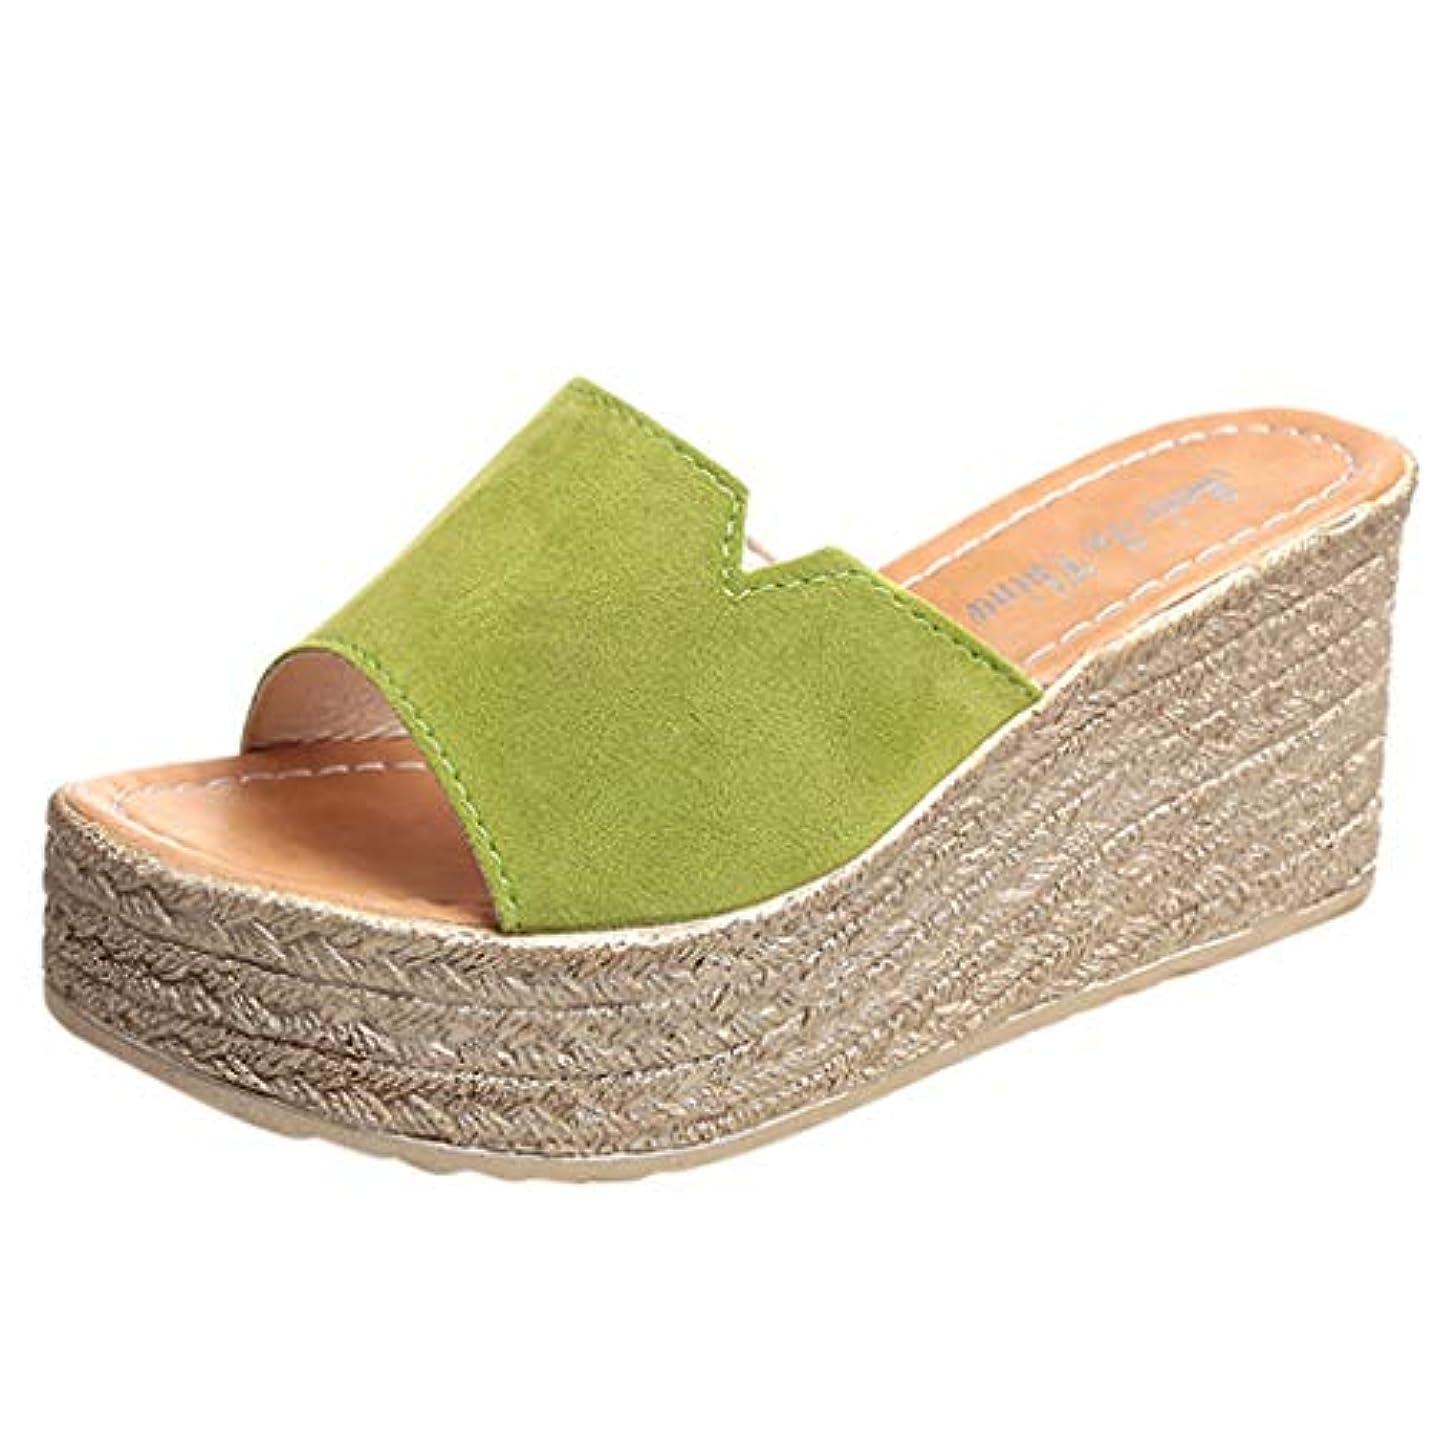 生パトロンニュースウェッジソール ミュール Foreted ビーチサンダル 履き心地 厚底靴 日常着用 オープントゥ 下履き スリッパ 痛くない 夏 海